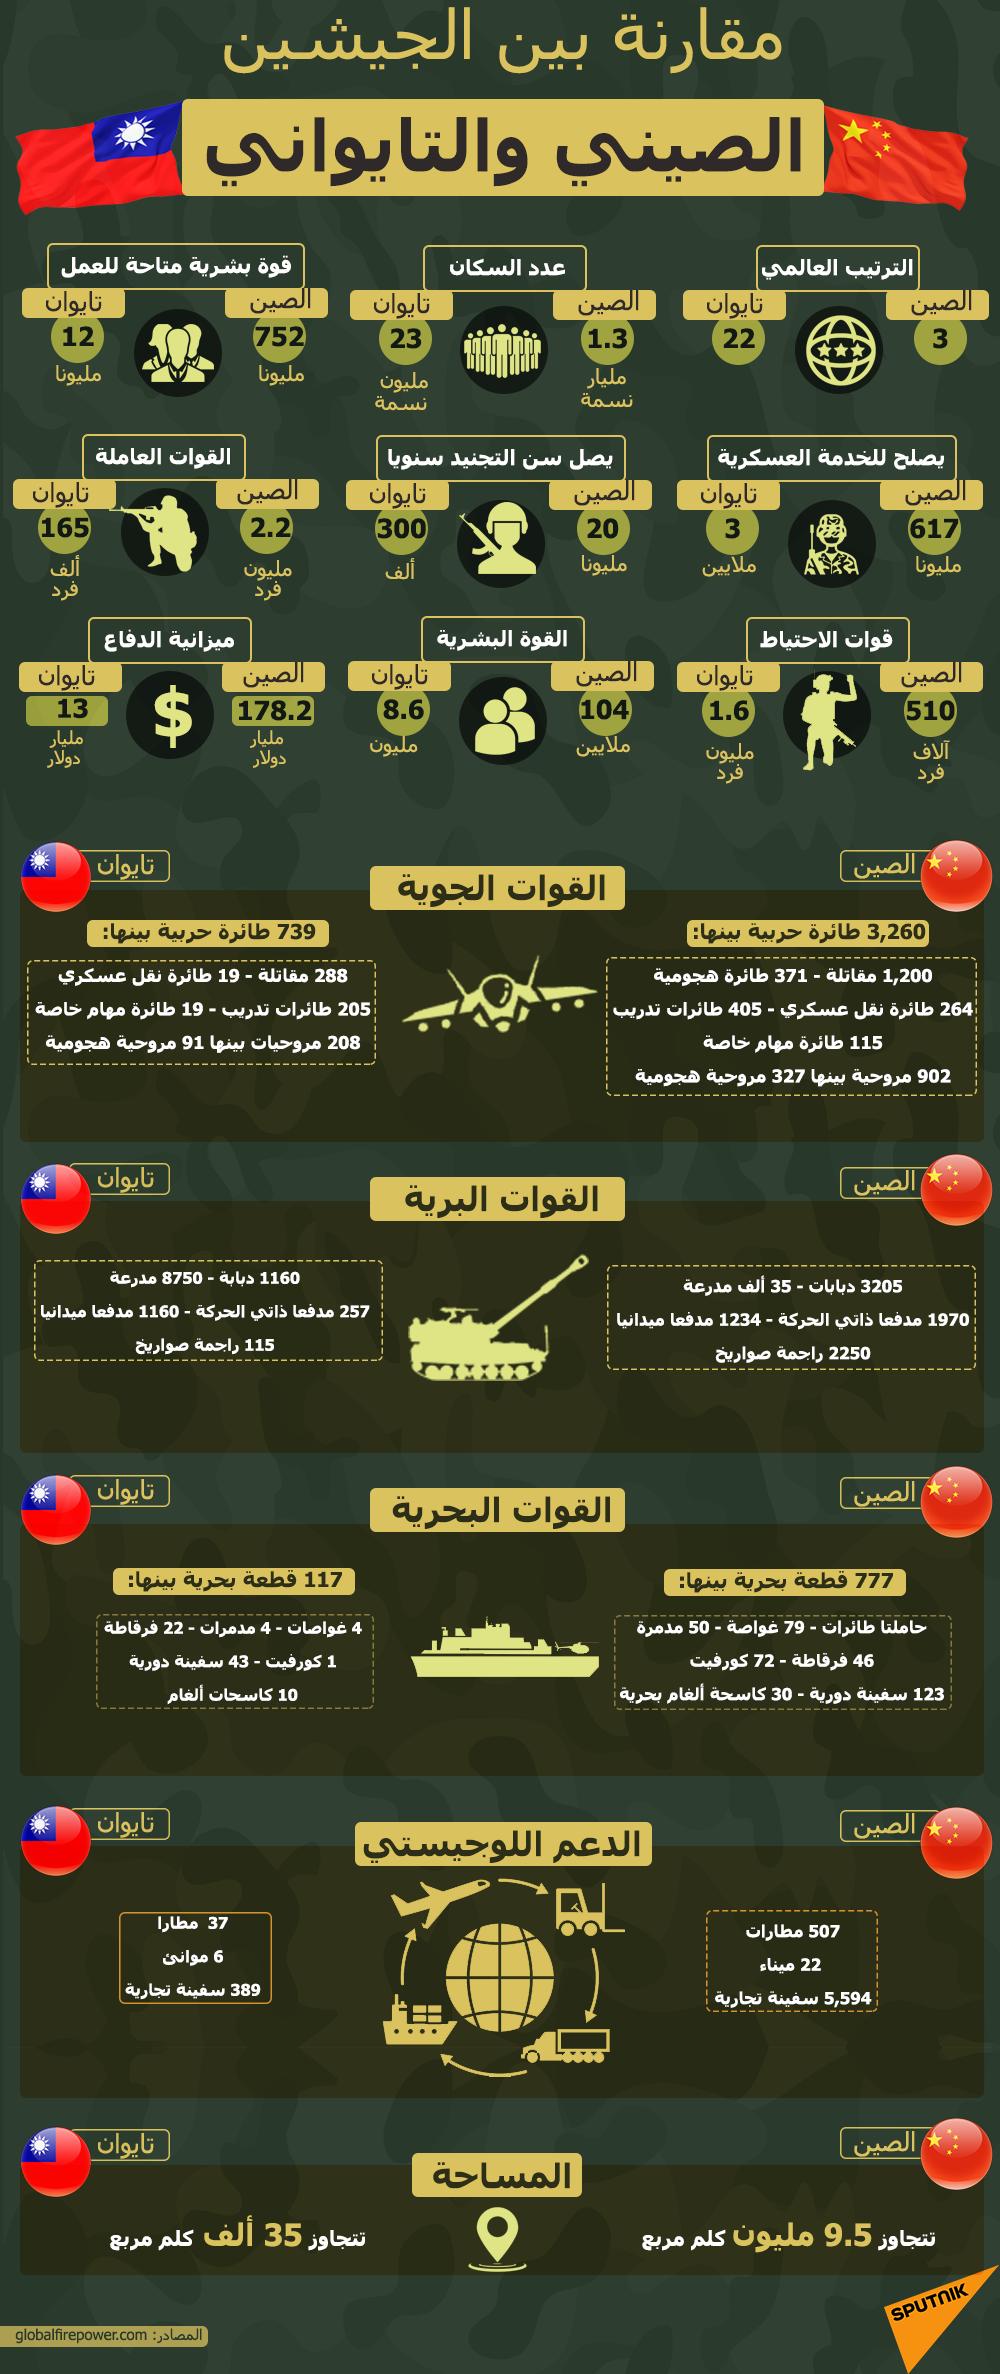 إنفوجرافيك... مقارنة بين الجيشين الصيني والتايواني